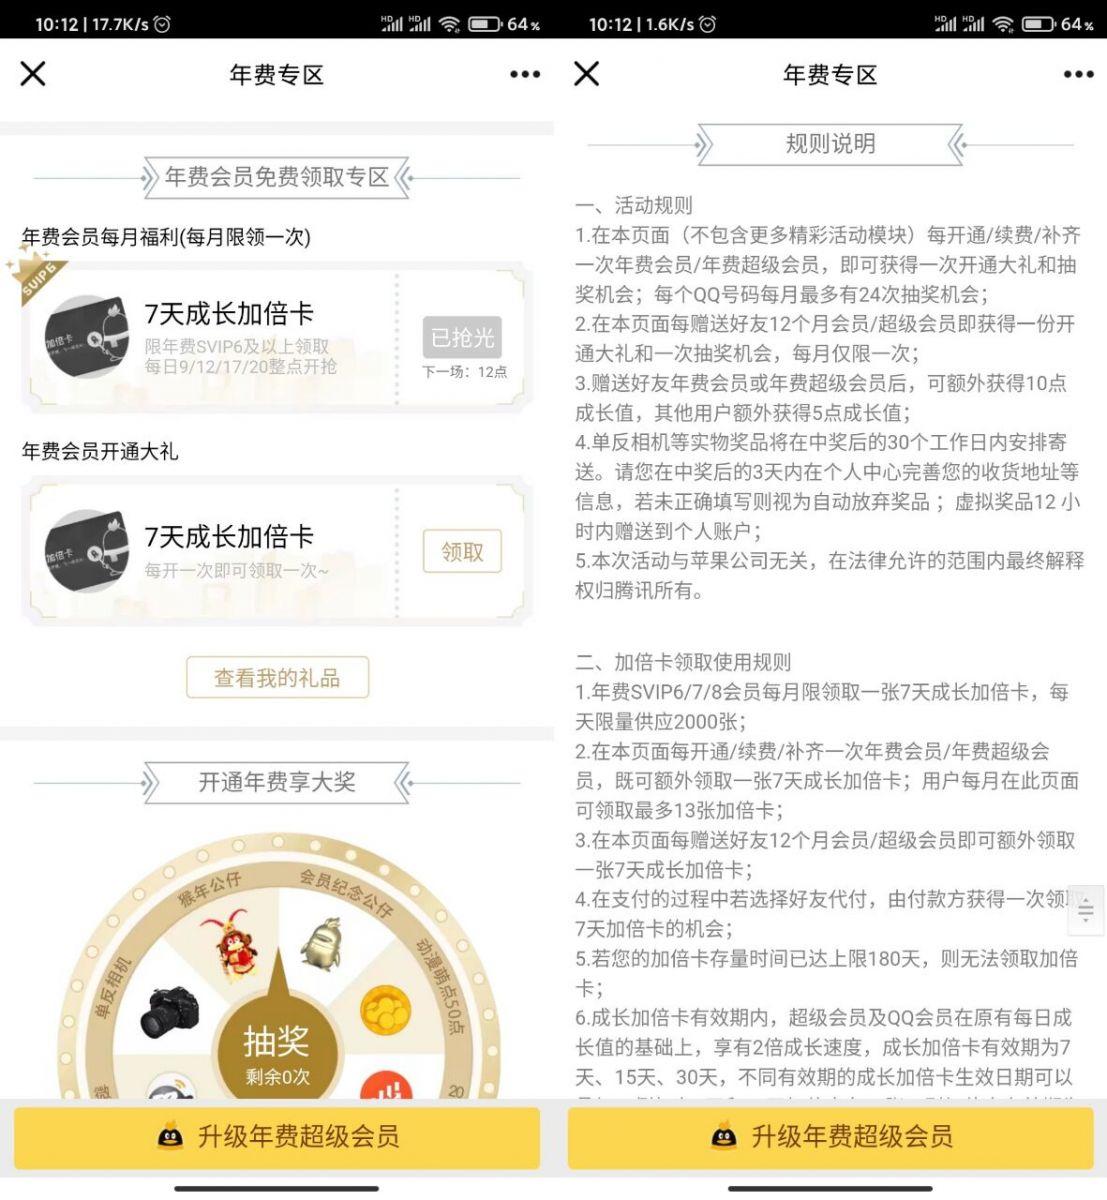 QQ超级会员年费用户抢7天加倍卡